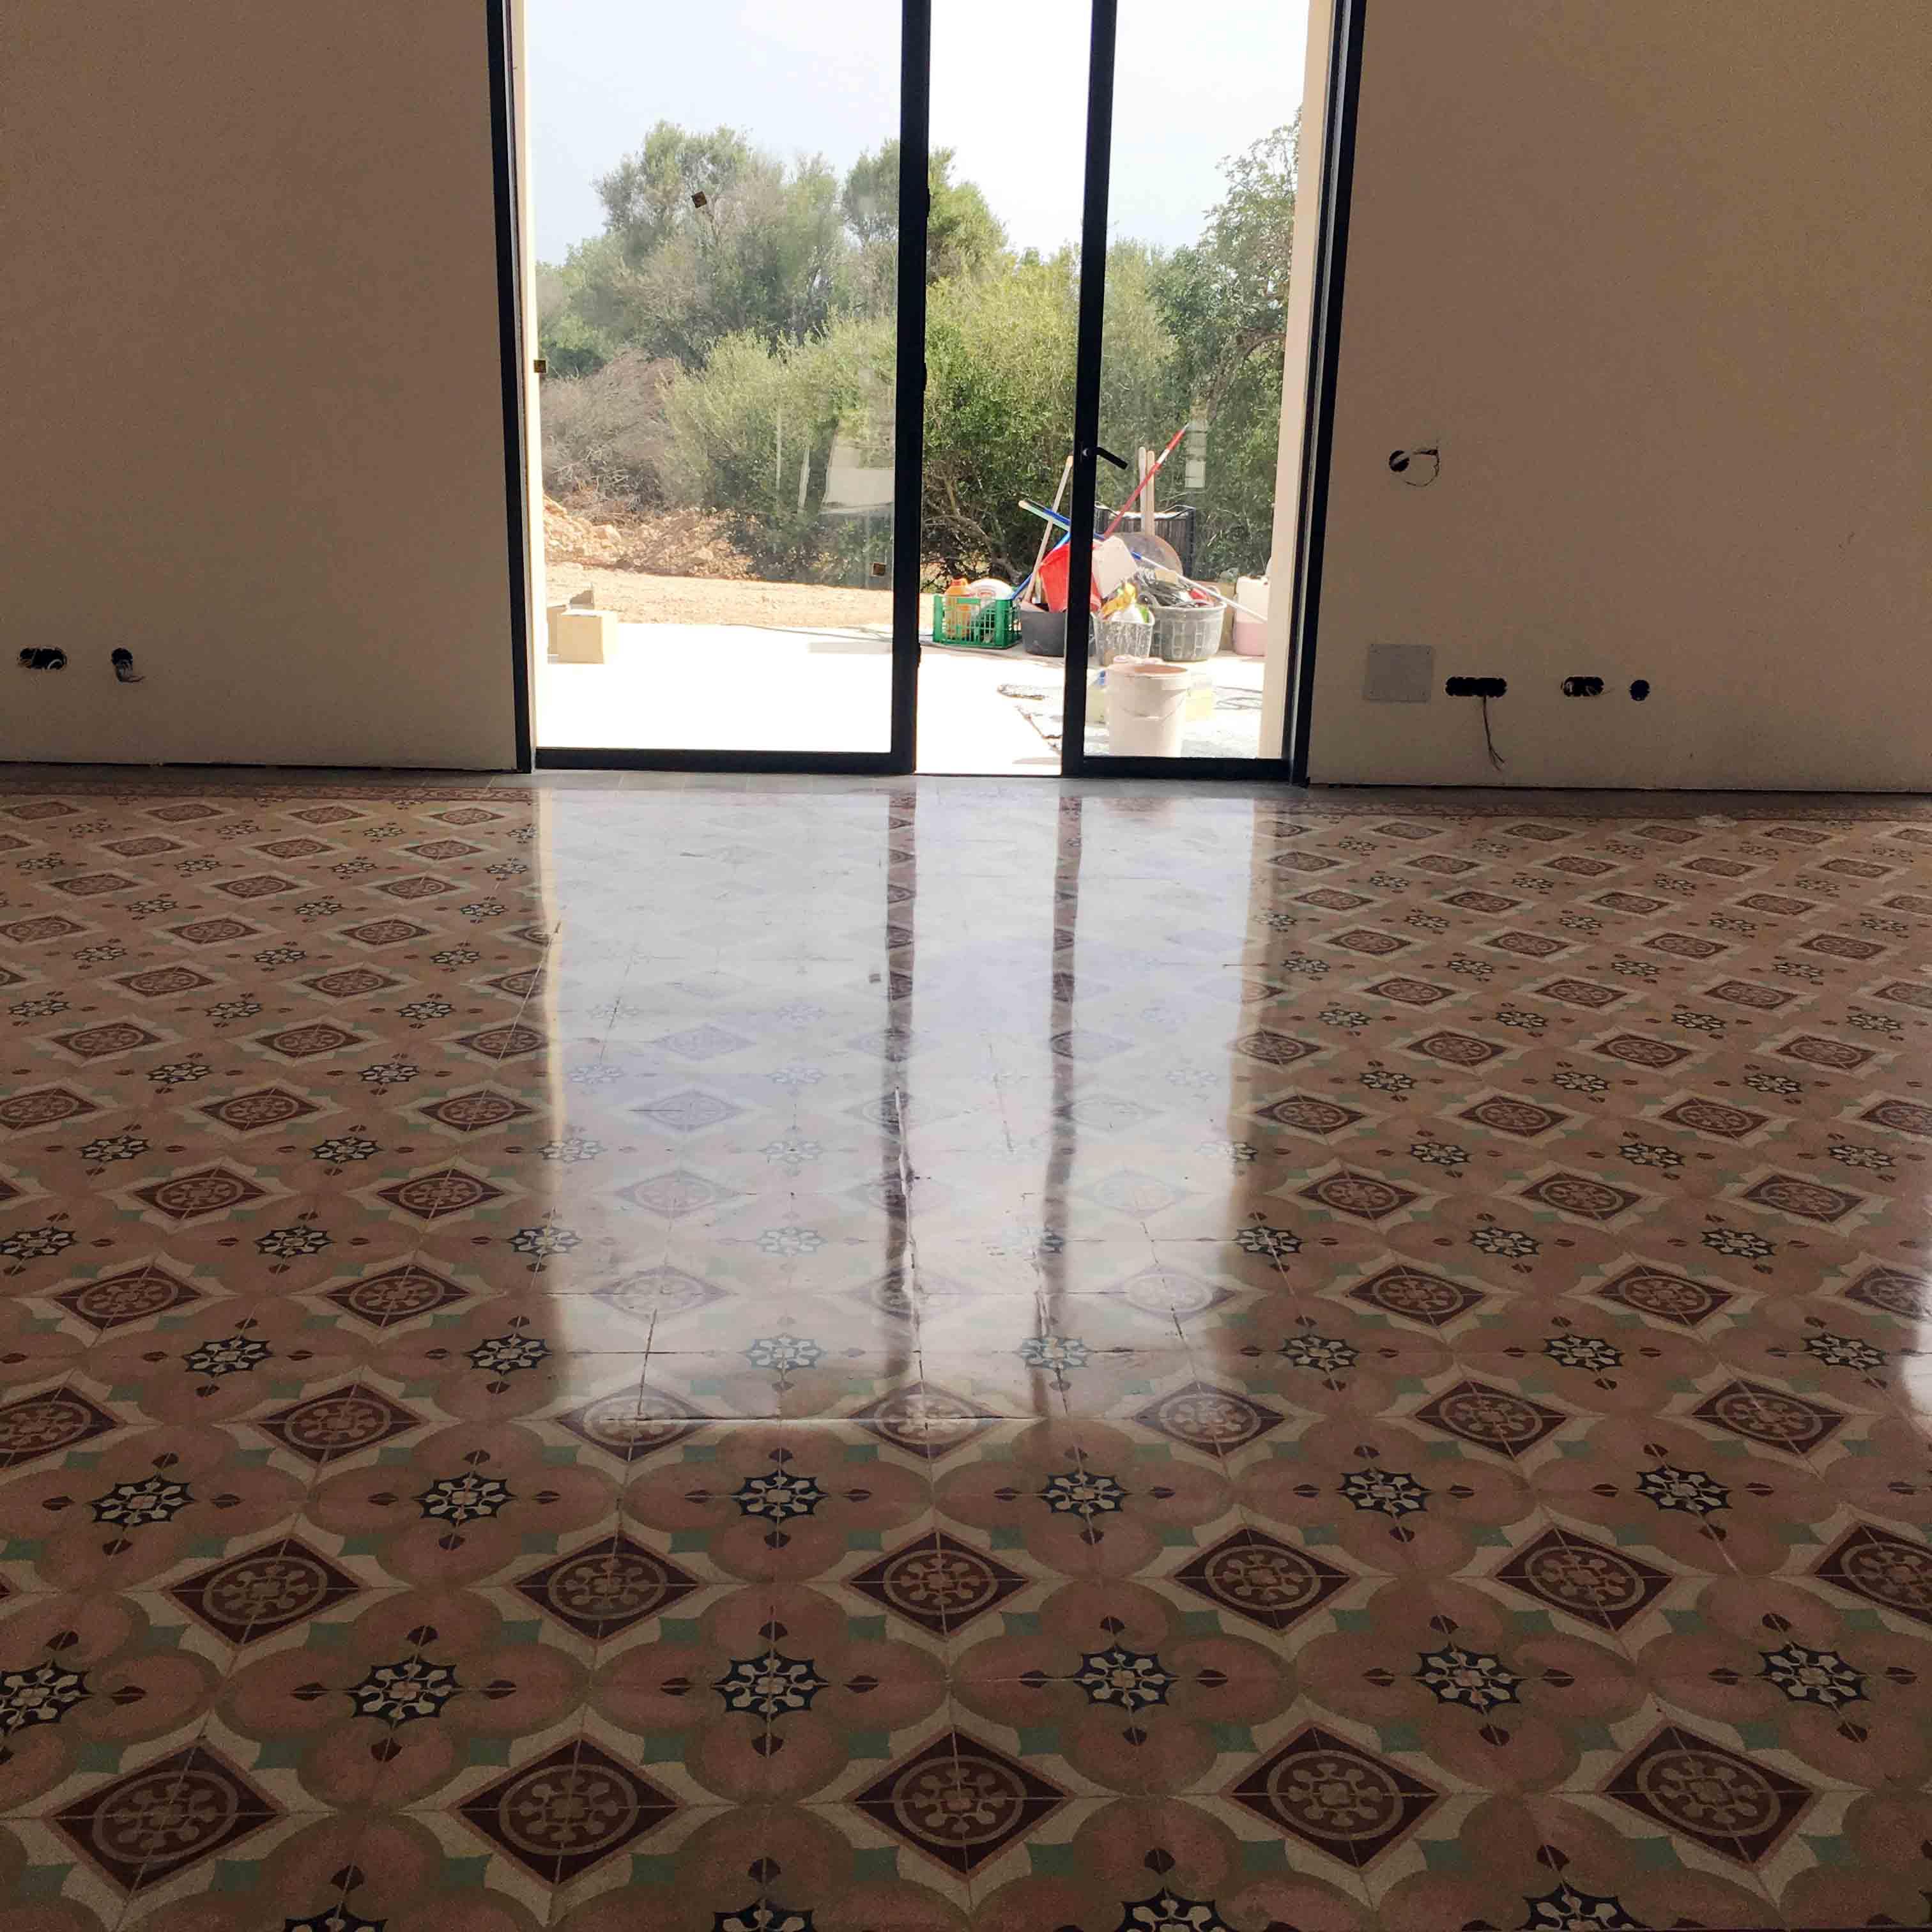 MosaicosBarcelona-Recuperacción-abrillantado-y-acristalado-de-suelos-de-mosaico-hidraulico-en-vivienda-en-Mallorca-Baleares-18